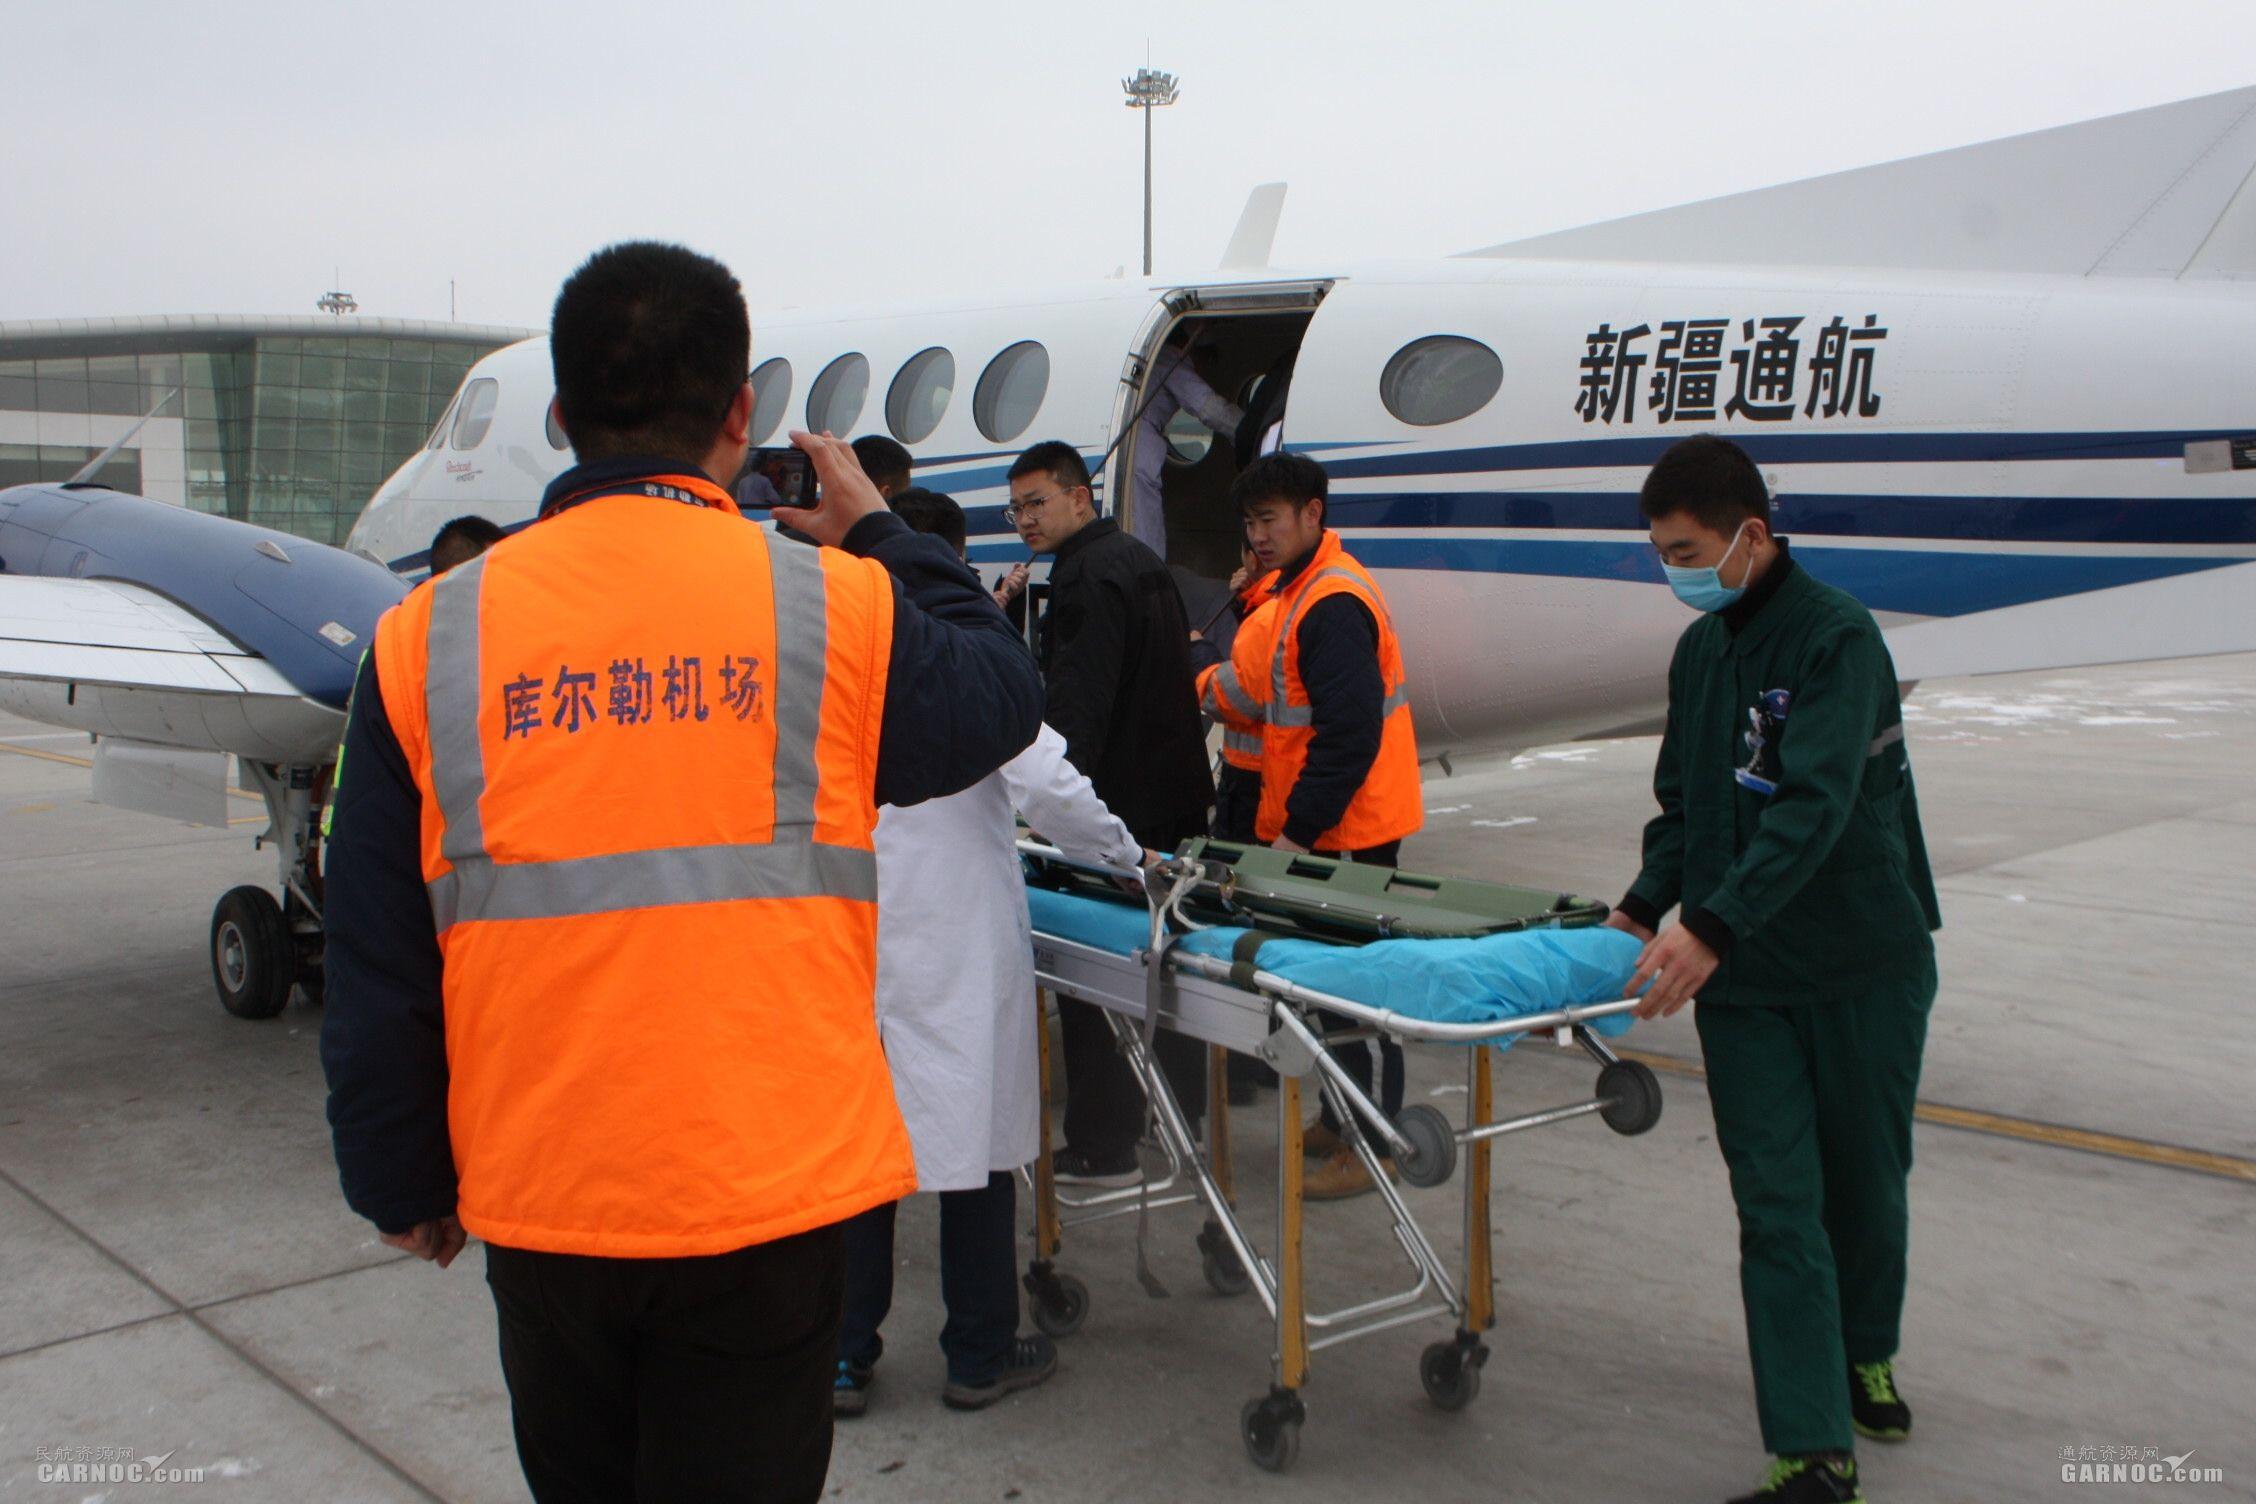 库尔勒机场顺利完成医疗急救飞行保障任务